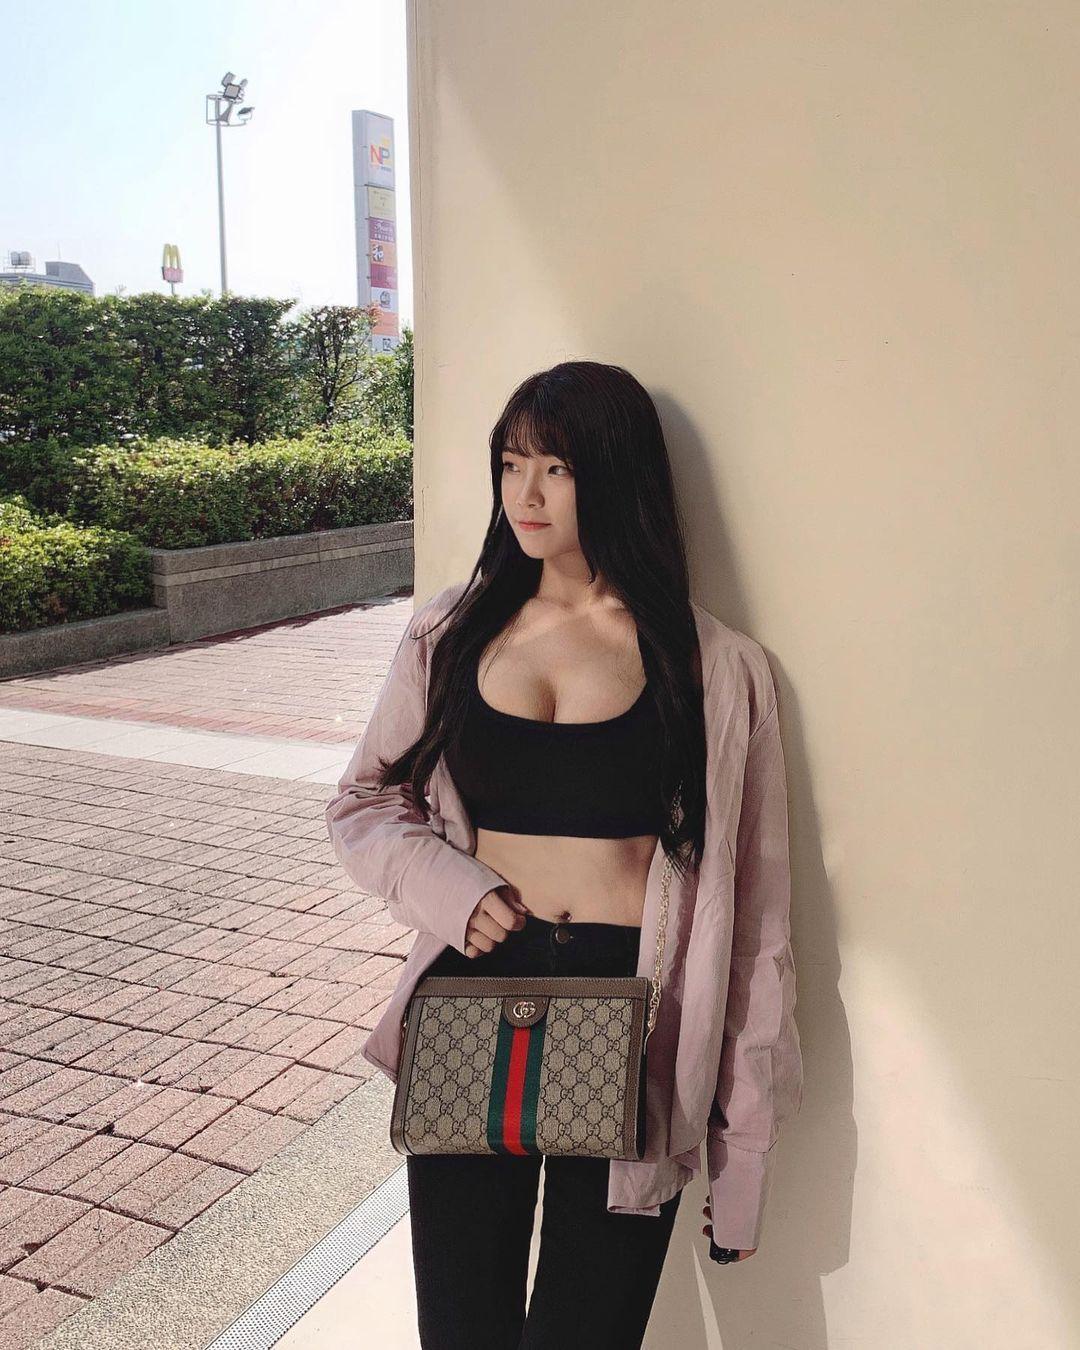 清纯甜美的正妹平面设计师Chen臻儿 多才多艺还有好身材 养眼图片 第3张